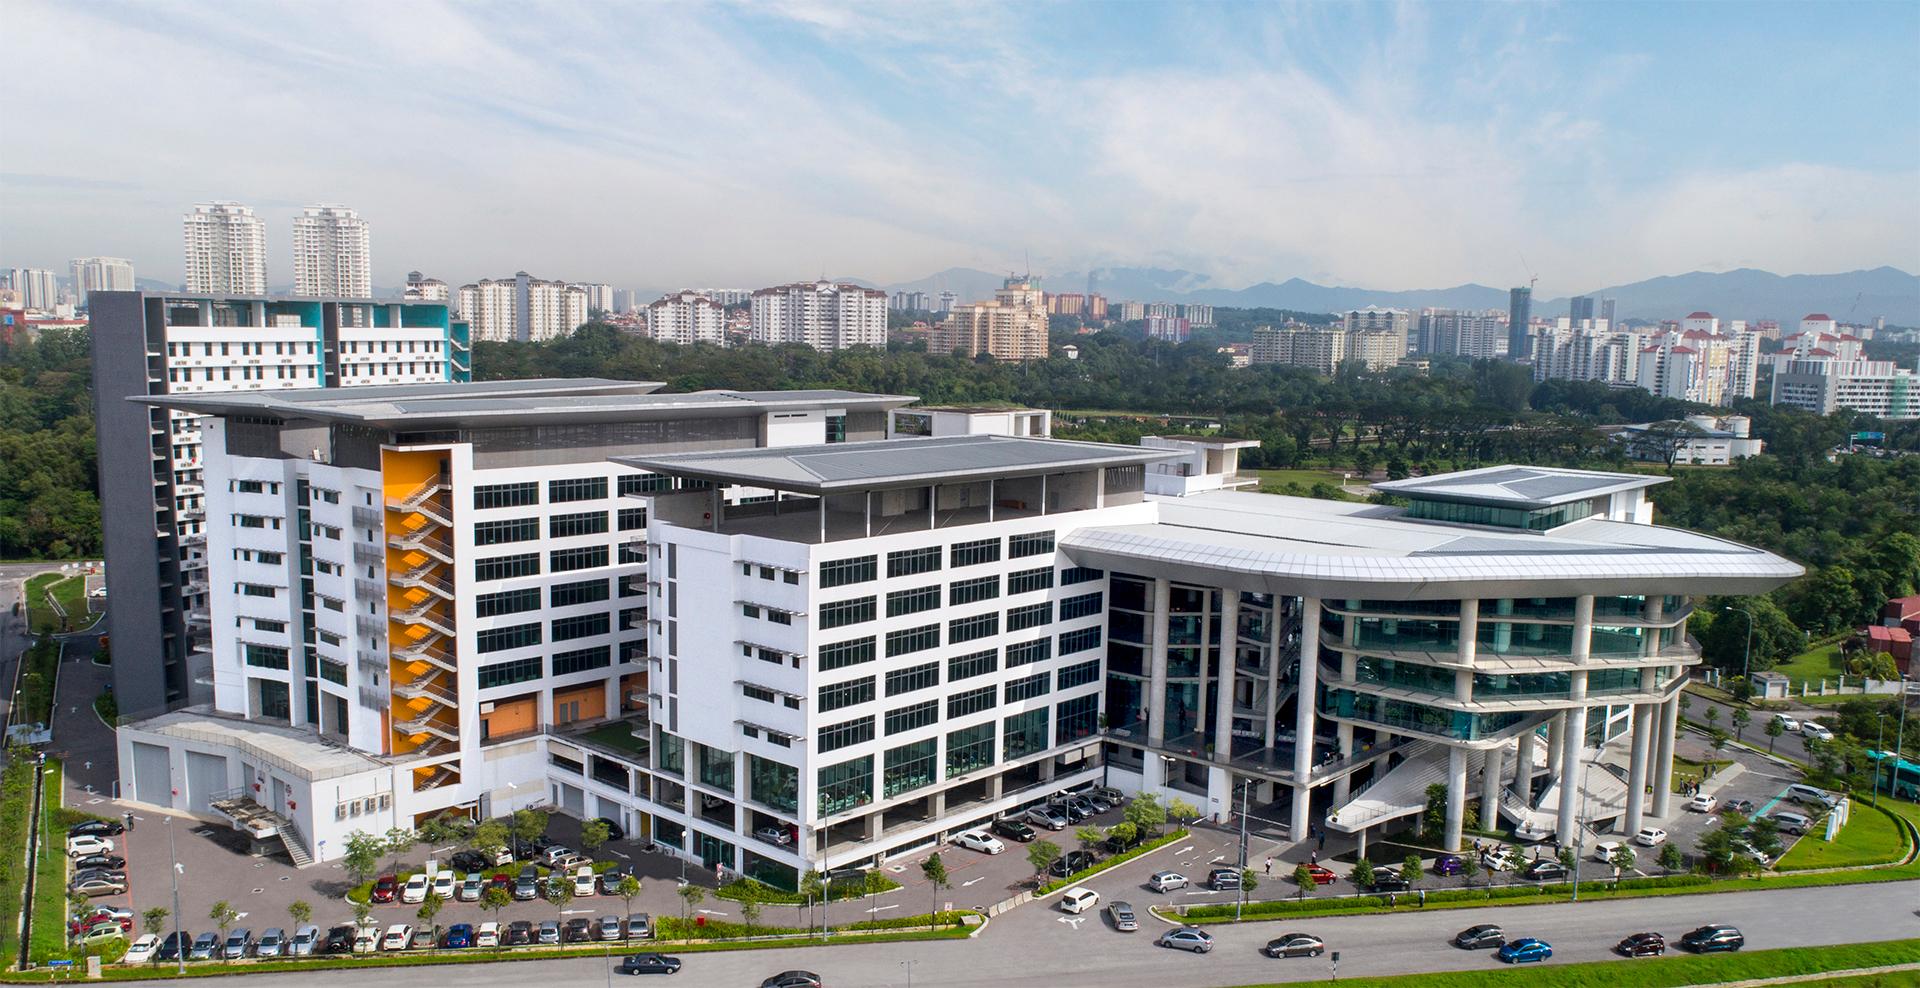 APU Campus Building